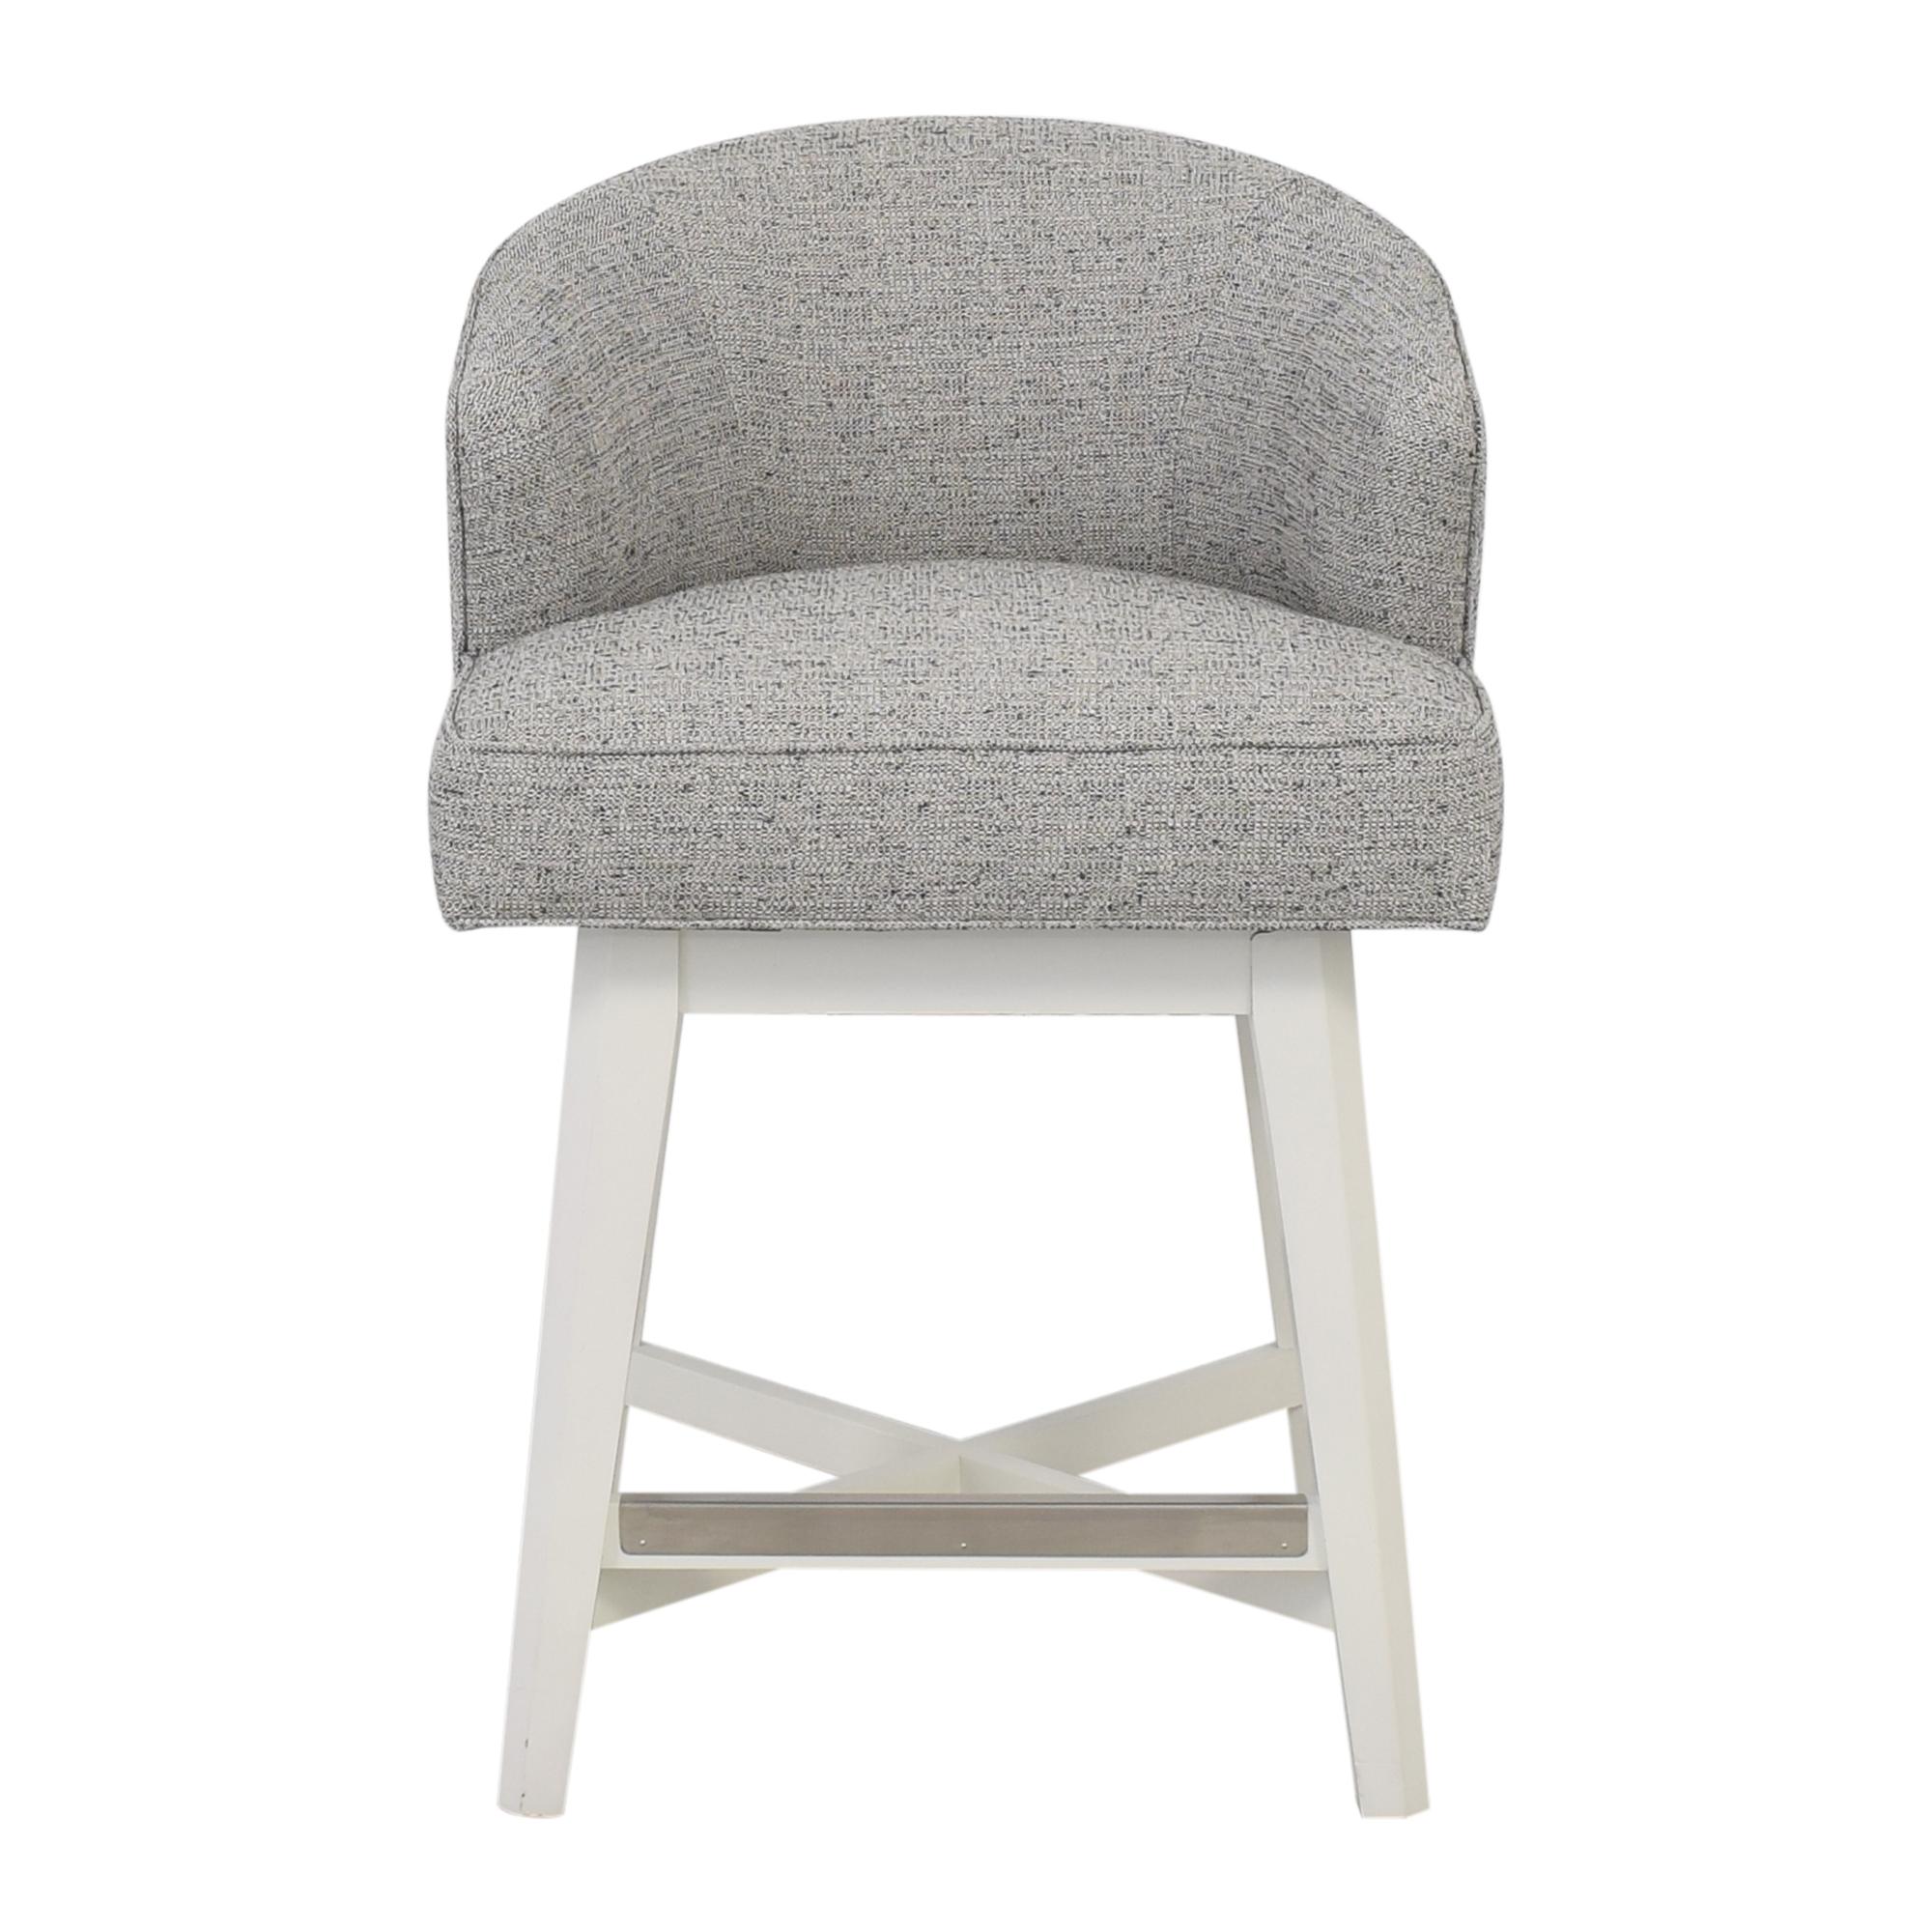 Vanguard Clive Daniel Counter Stool Vanguard Furniture